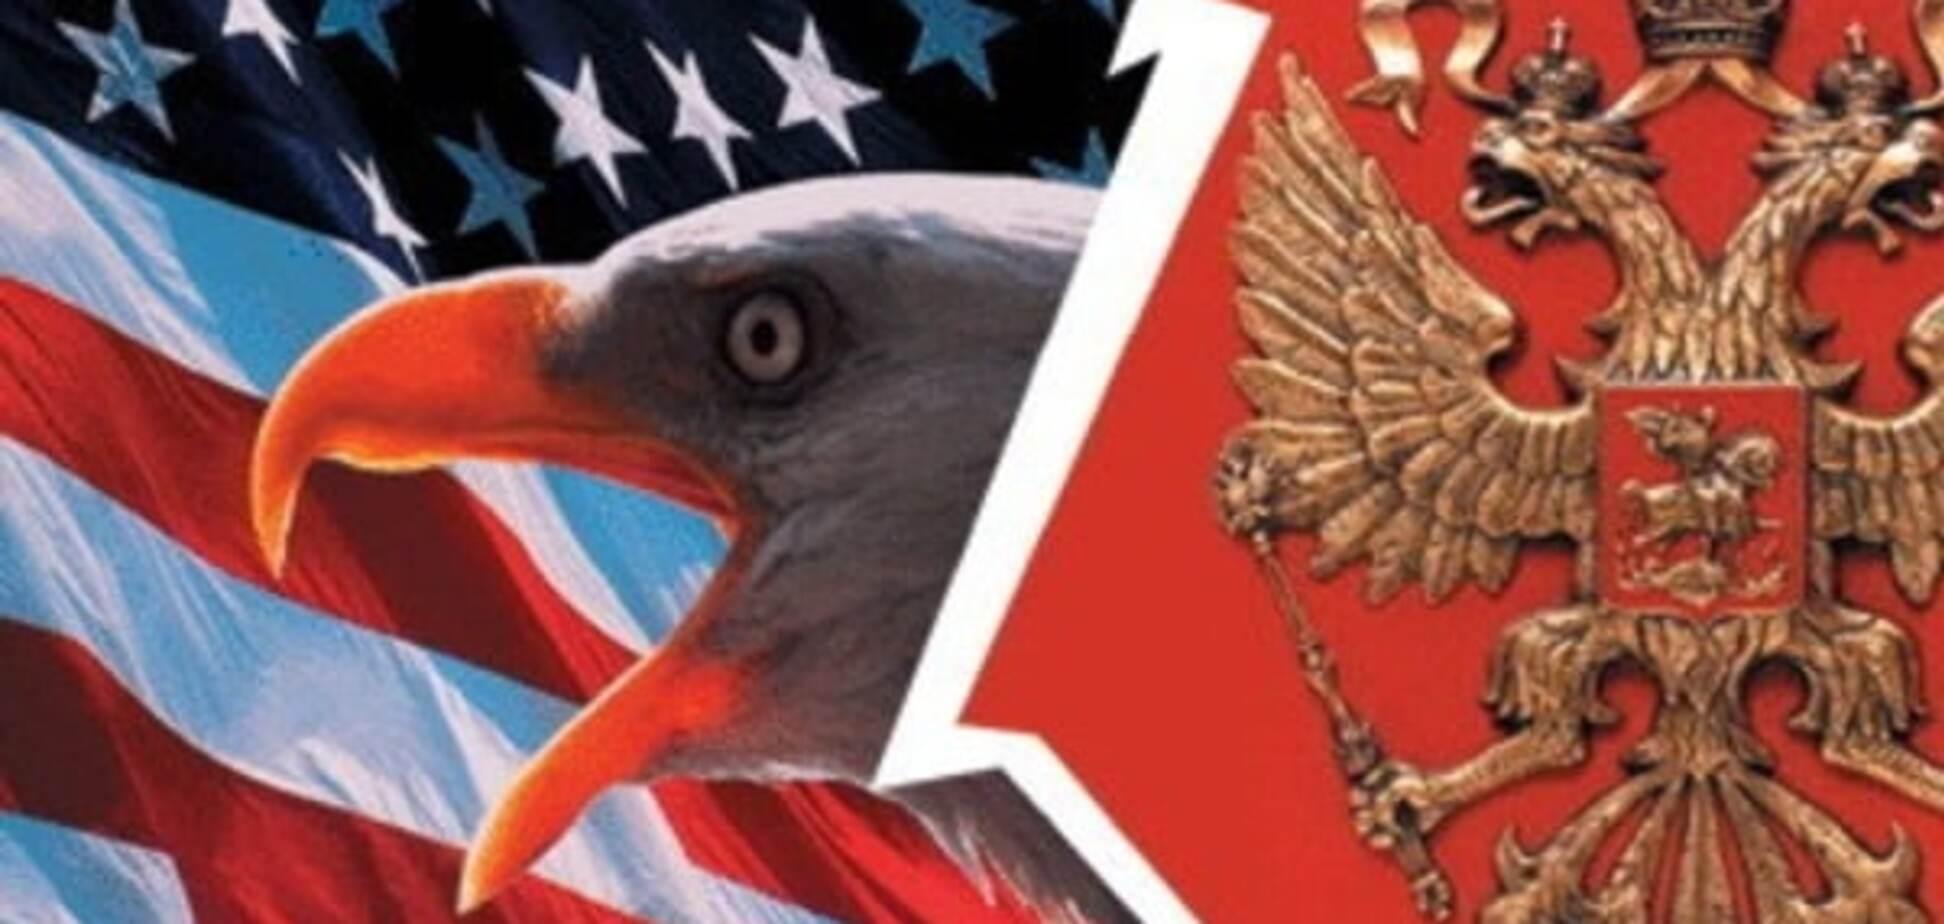 РПЛ: Виграти у Росії нову 'холодну війну'